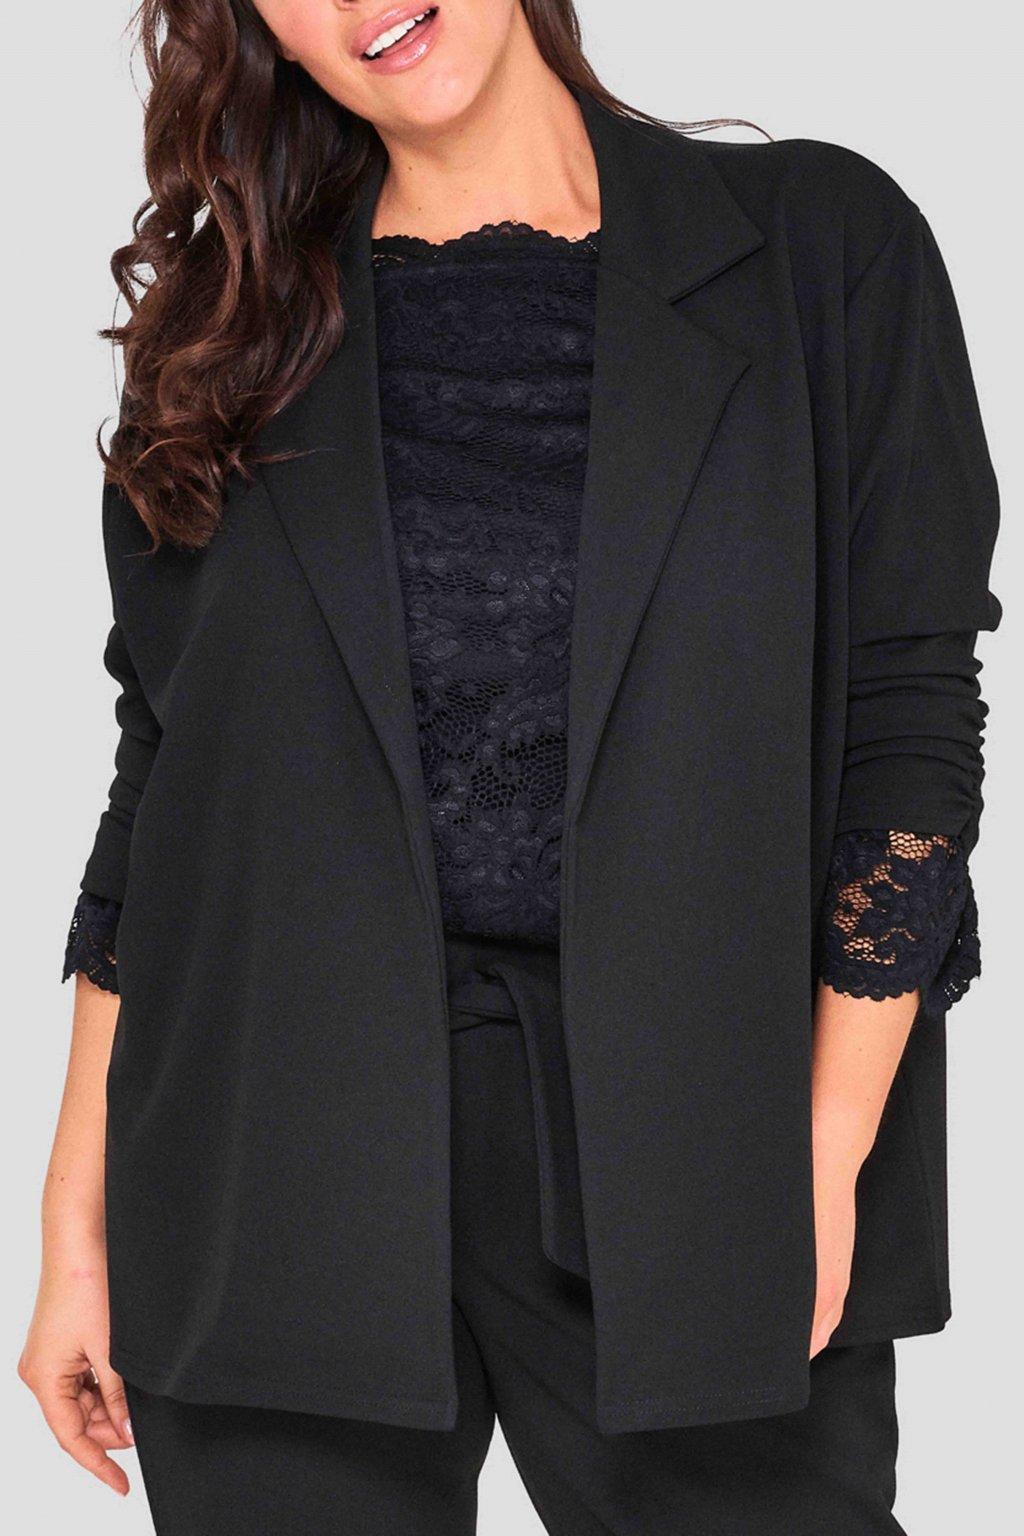 Elegantní sako Ratby černé 2